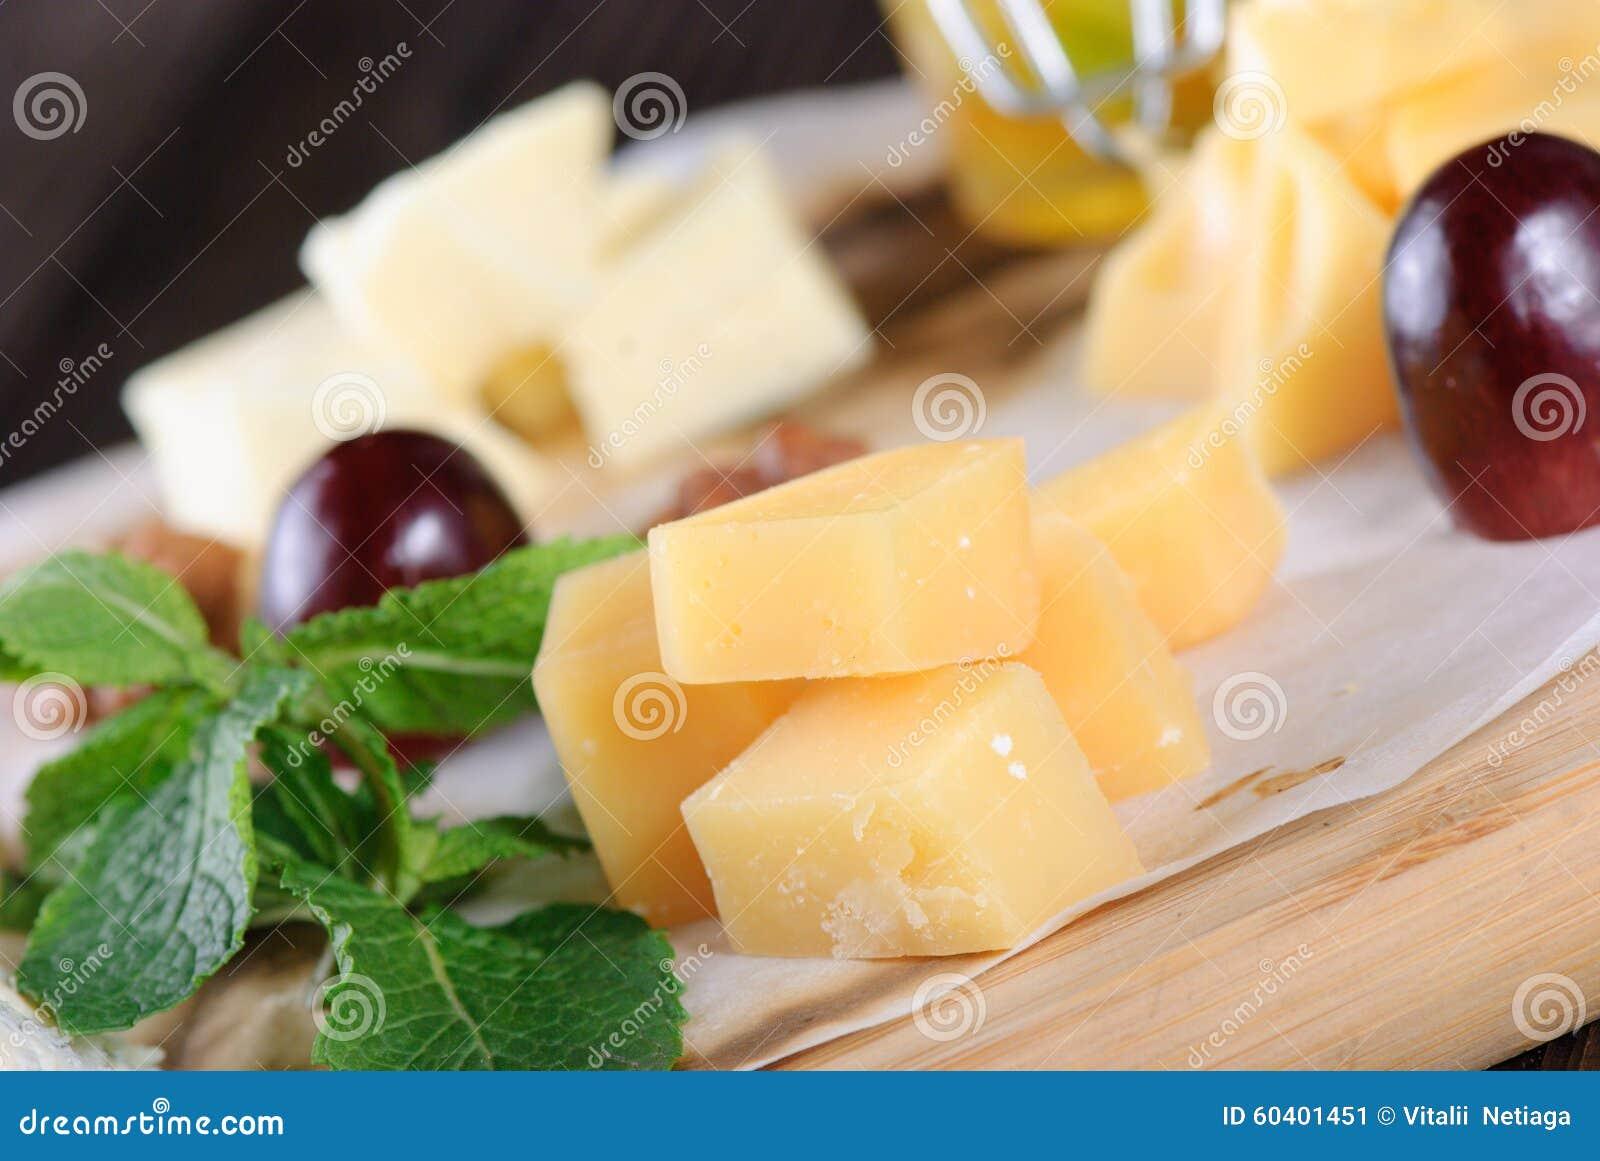 在一个木板的被分类的乳酪